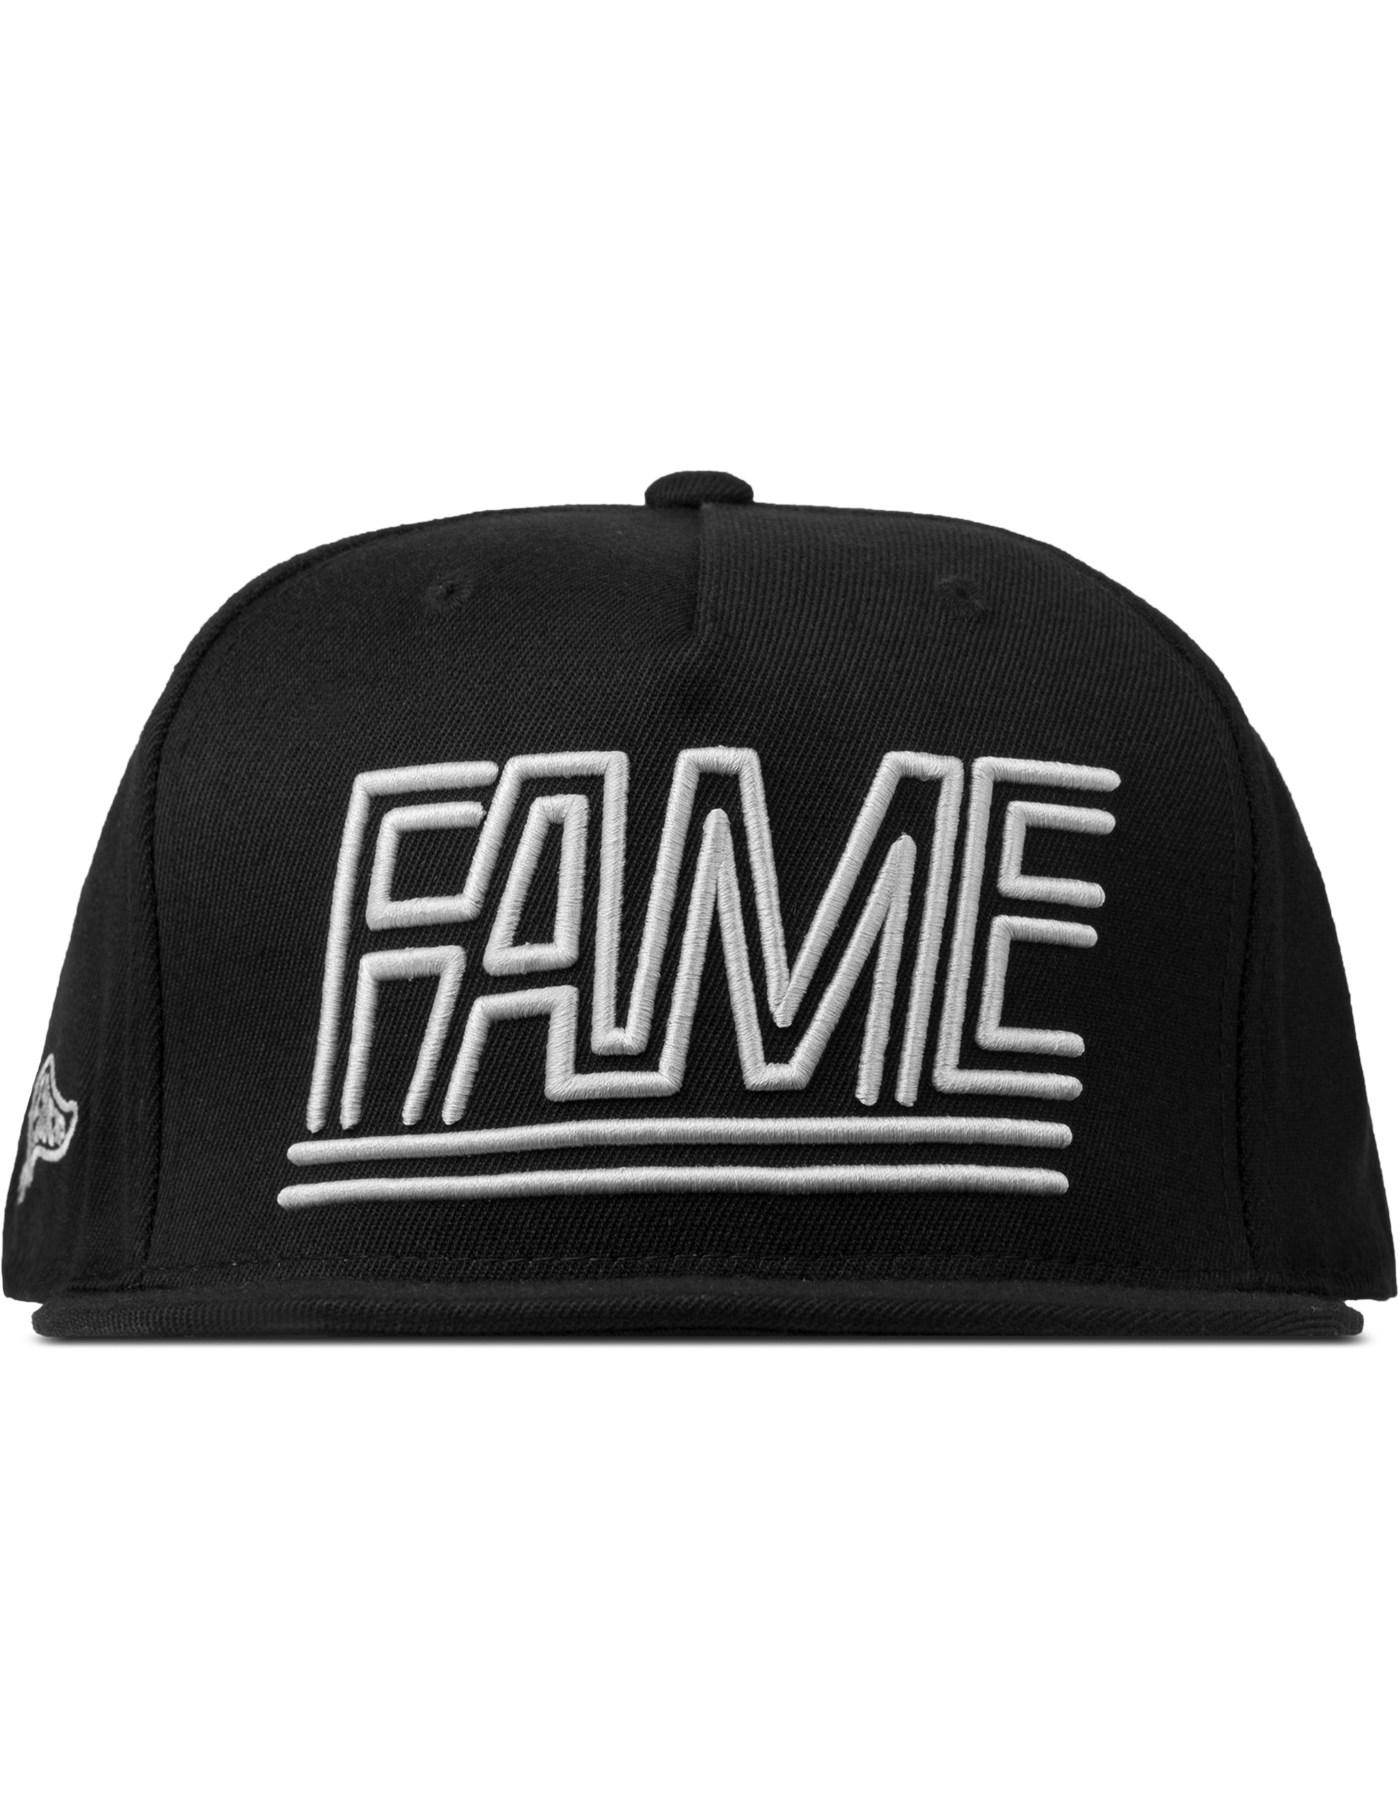 Lyst - Hall Of Fame Black Fame Lines Cap in Black for Men 66d8a6c875fc